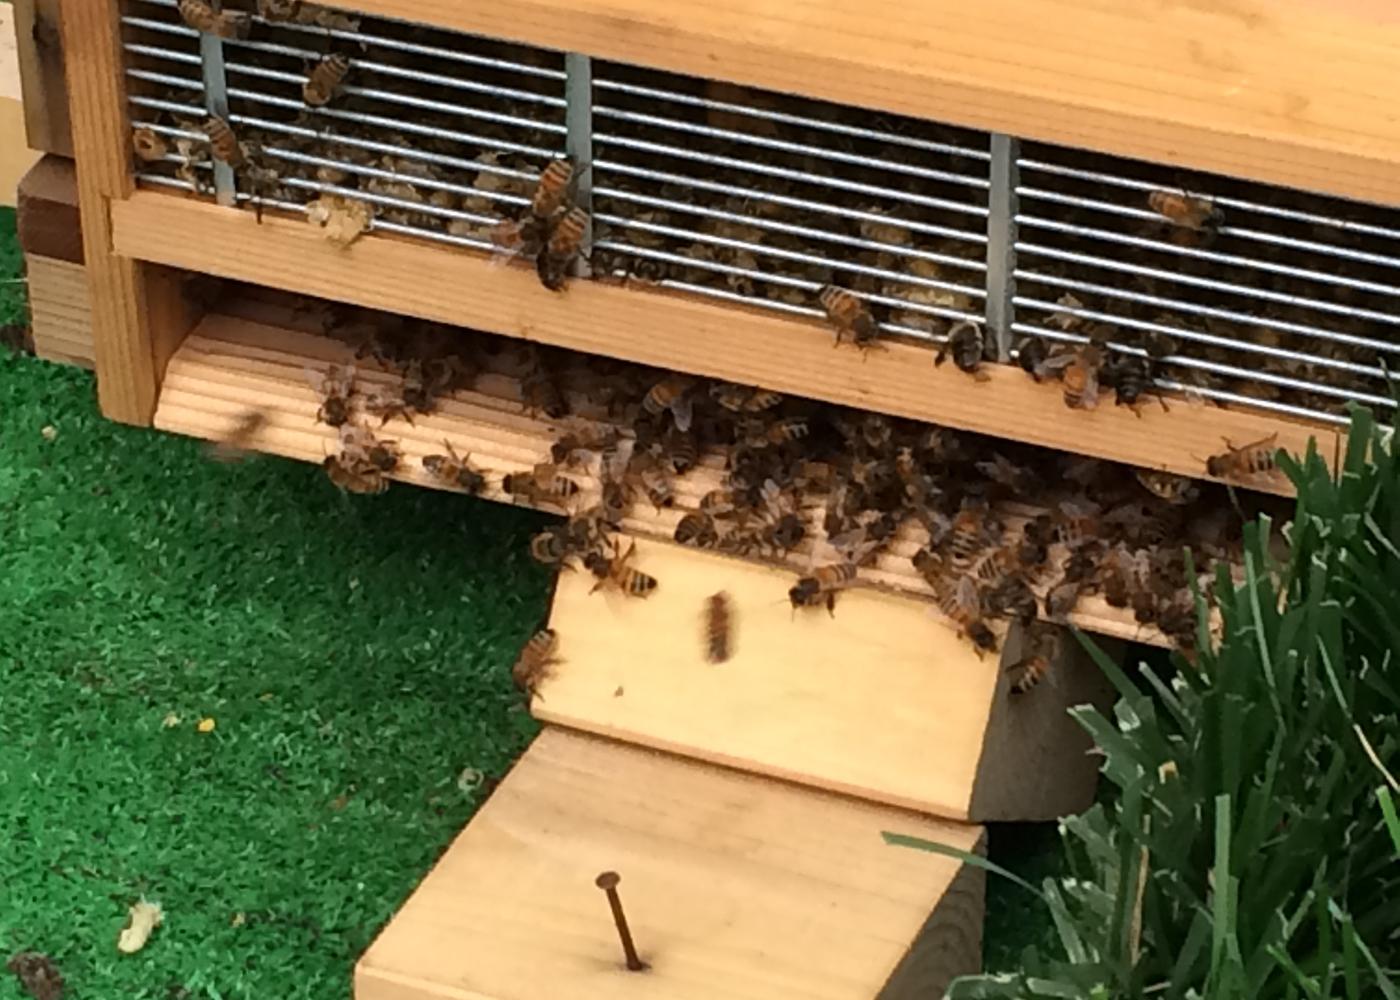 ミツバチたちの住まい まだ周りを警戒しています。